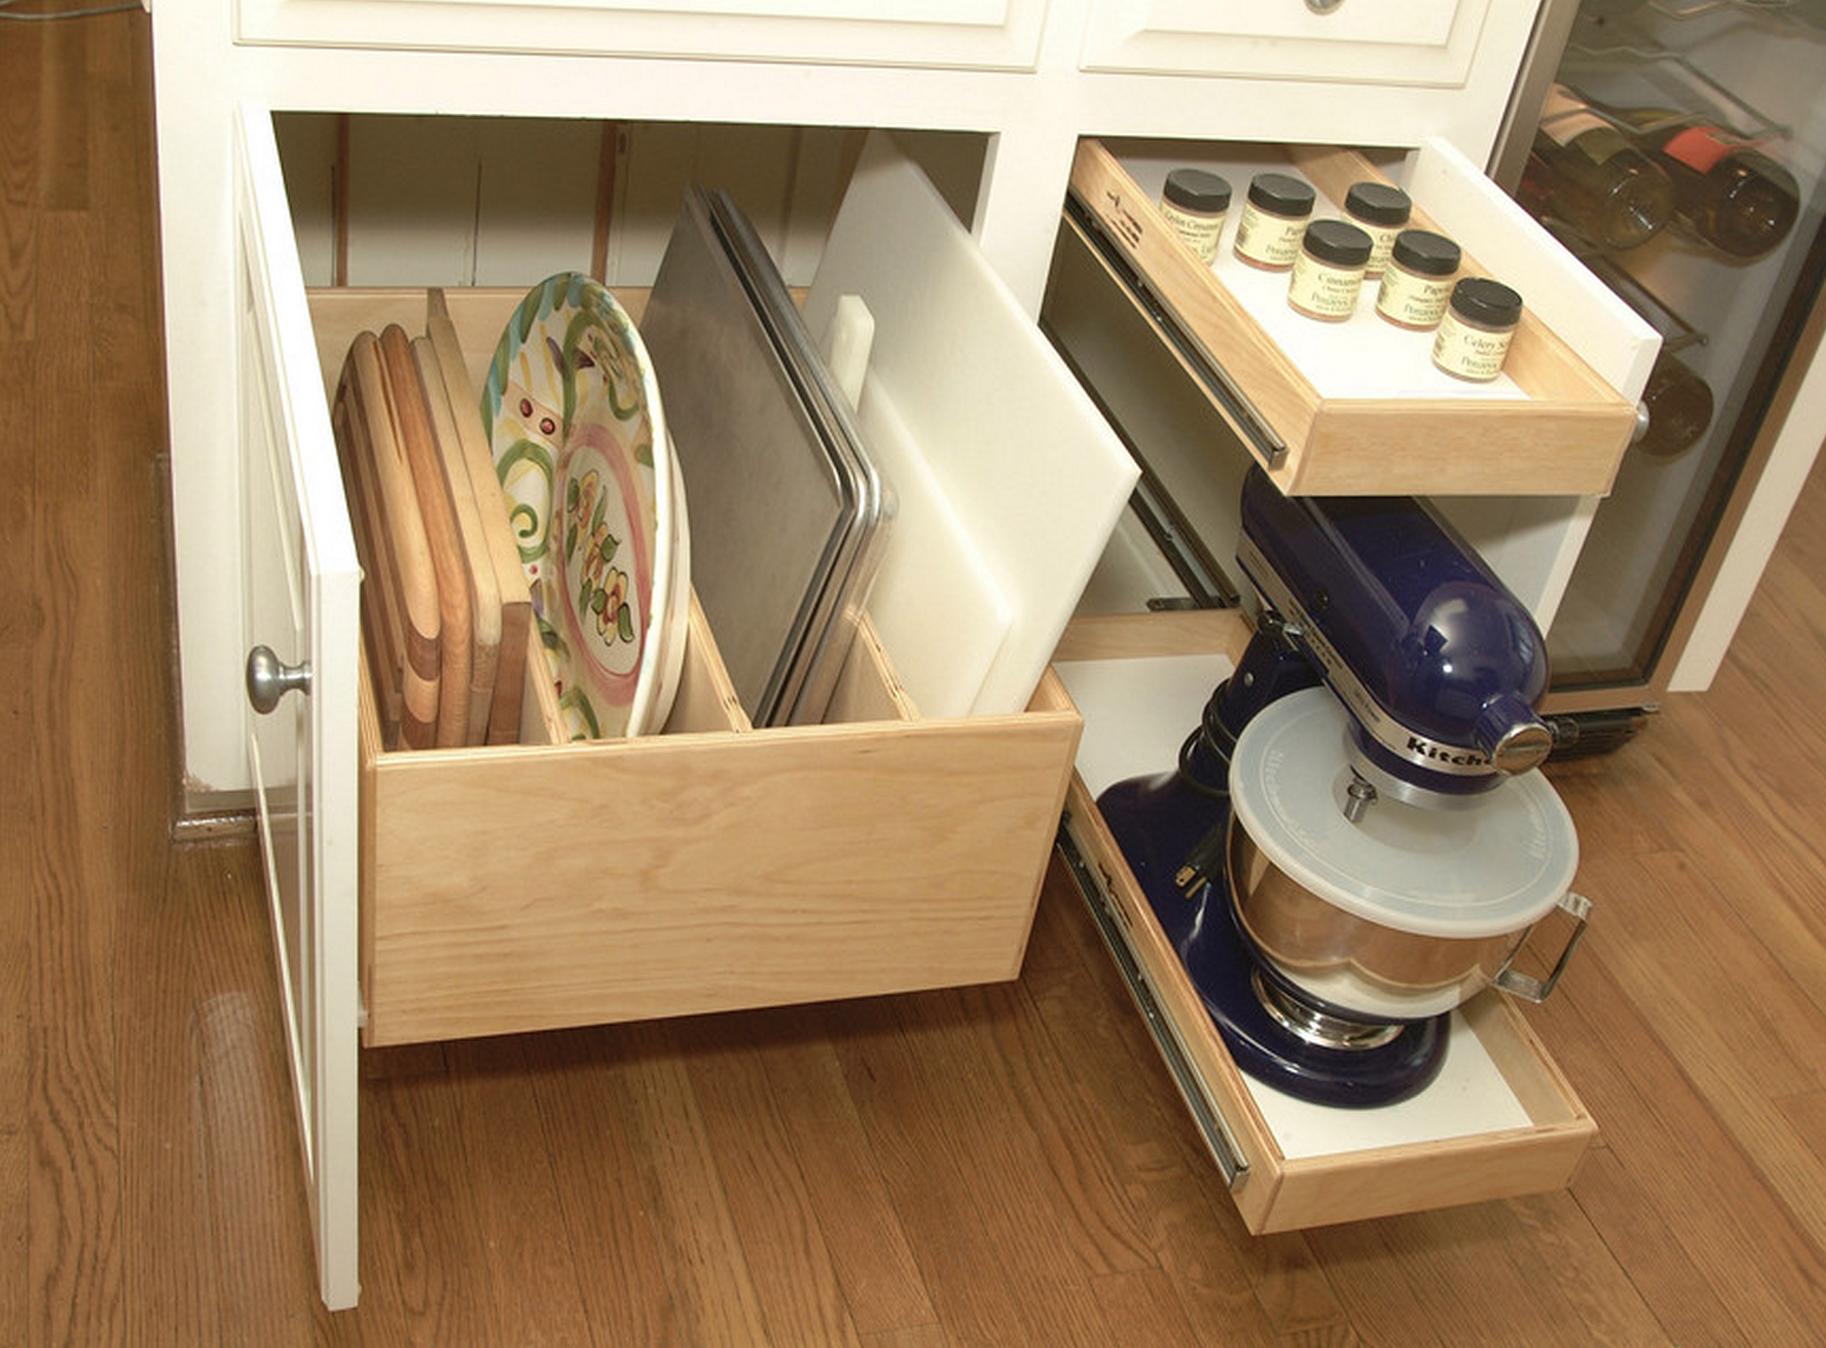 Kitchen cabinets organizer decor pinterest kitchen cabinet